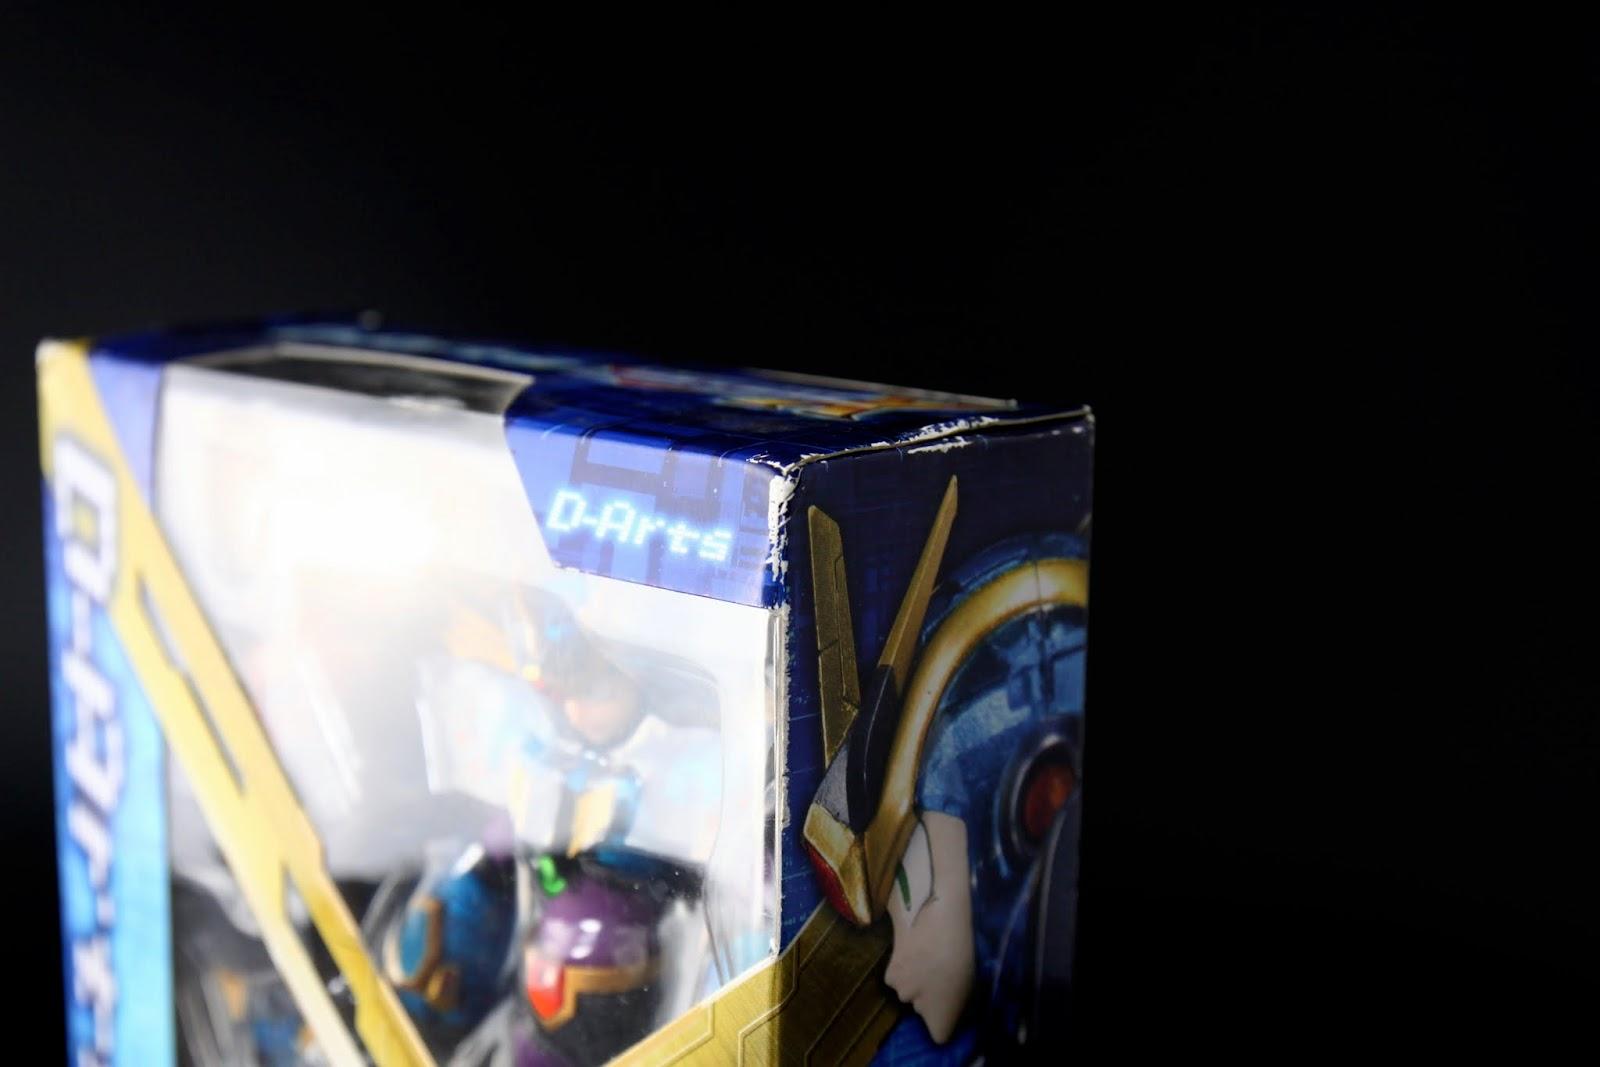 盒損沒有八角刺人, 所以六折入手